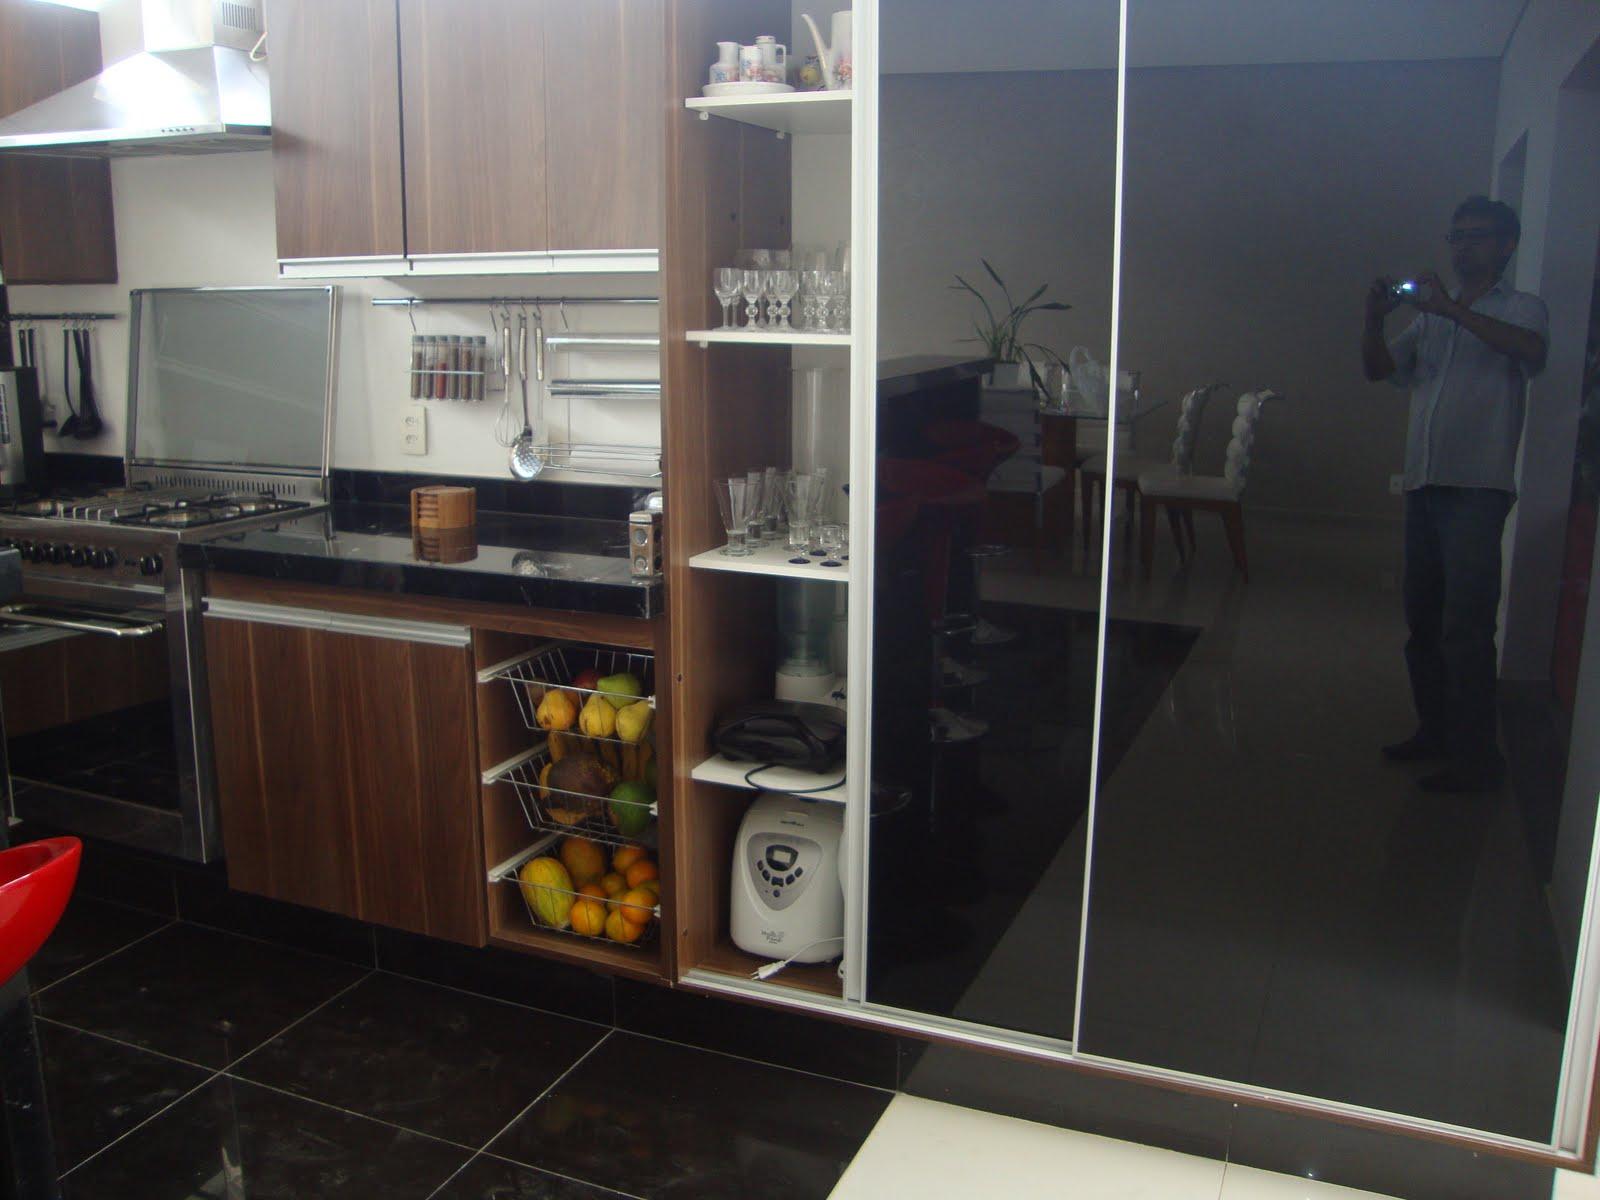 #683C2B Sioli Marcenaria: Cozinha Planejada em MDF Venezuela e portas de Vidro  1600x1200 px A Cozinha Mais Recente Projeta Fotos_836 Imagens